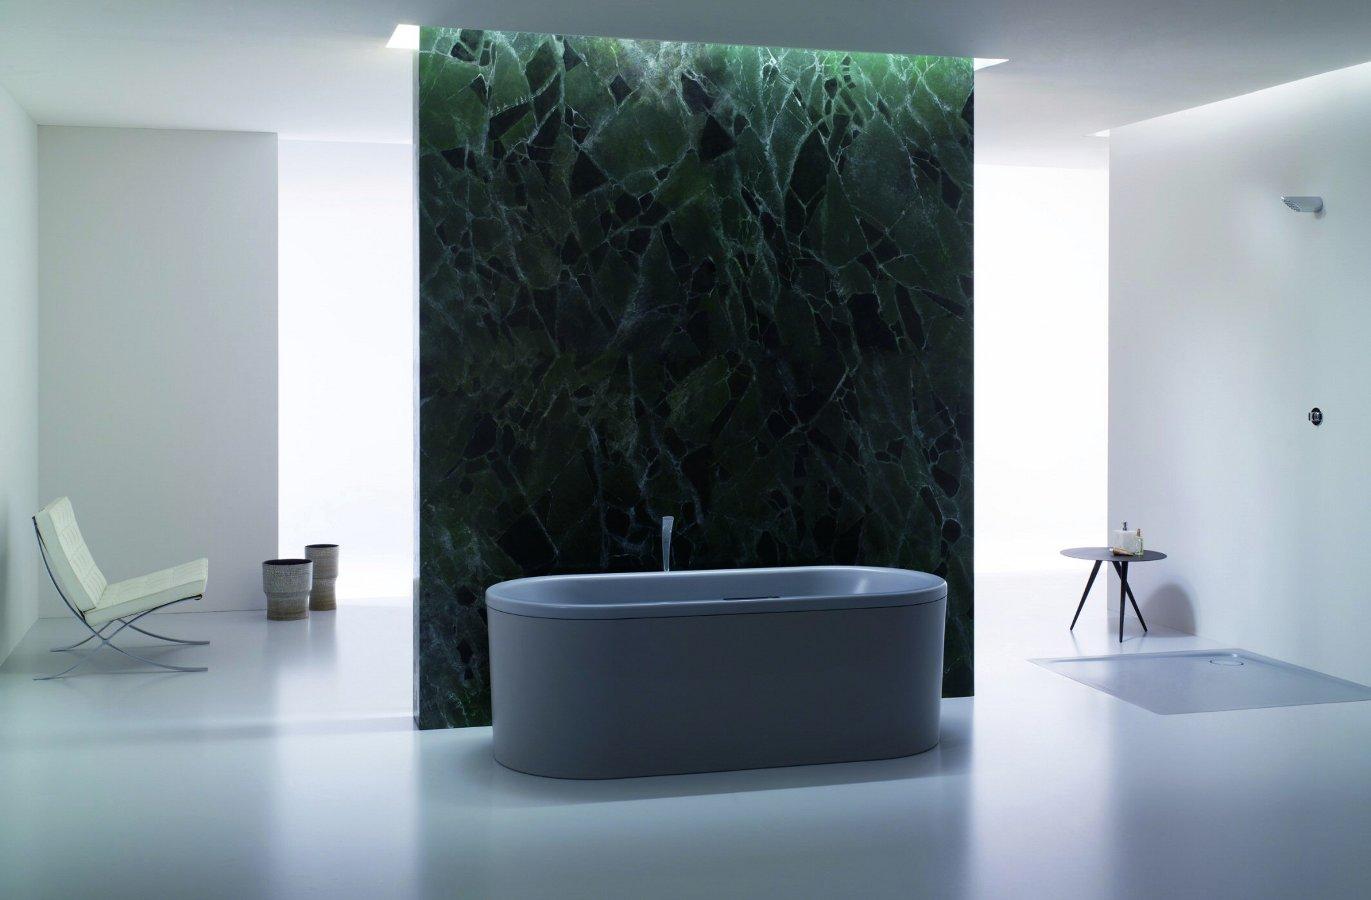 Cтальная эмалированная ванна Kaldewei с матовым вариантом отделки покрытия